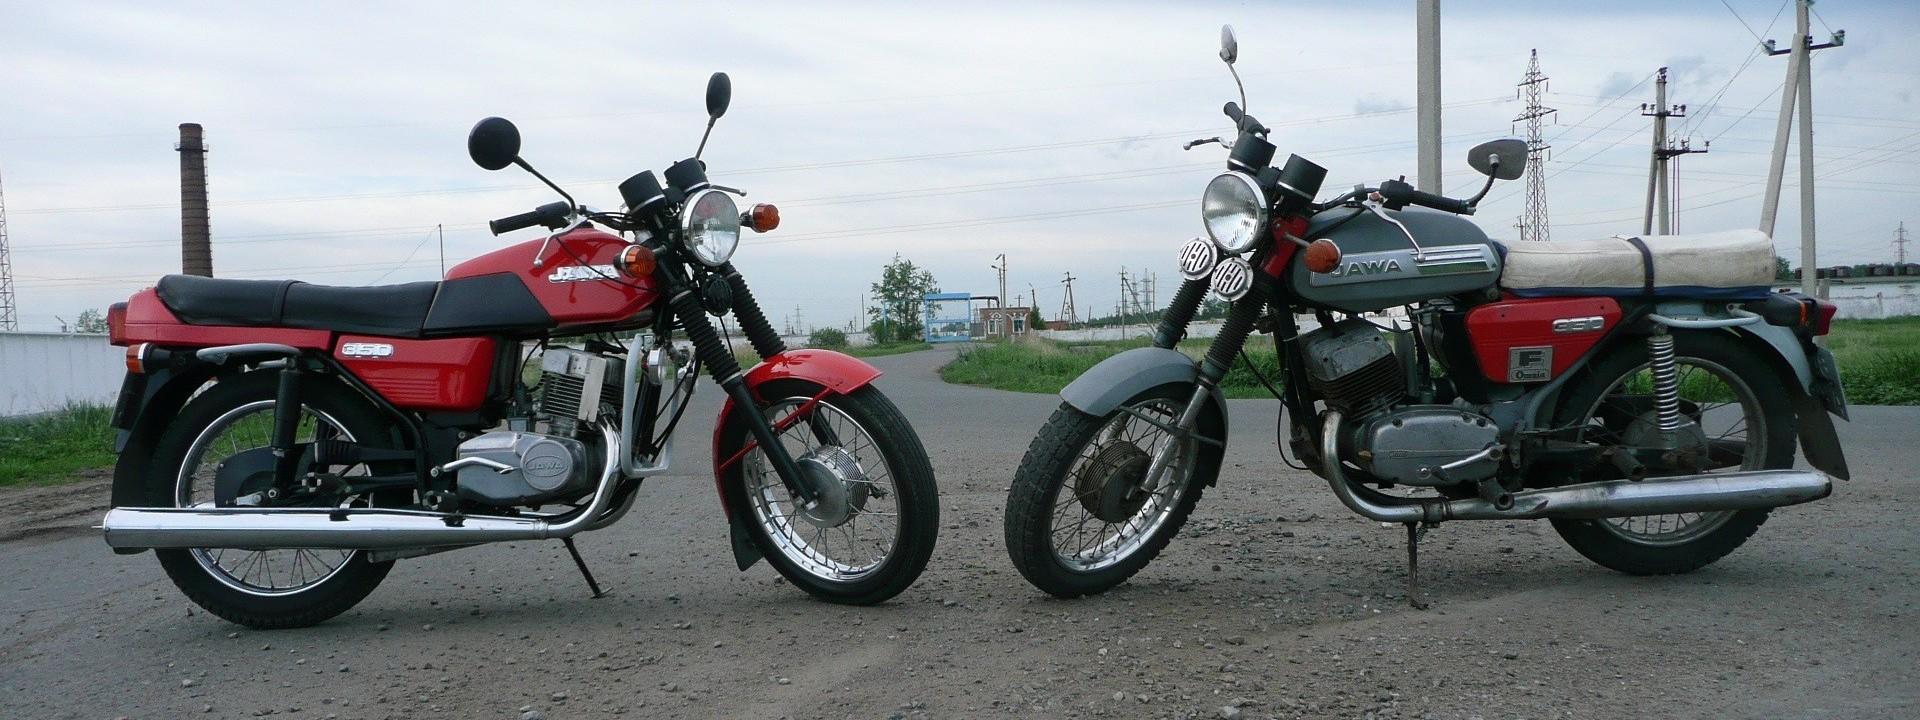 Обзор и технические характеристики мотоцикла Ява 350/638